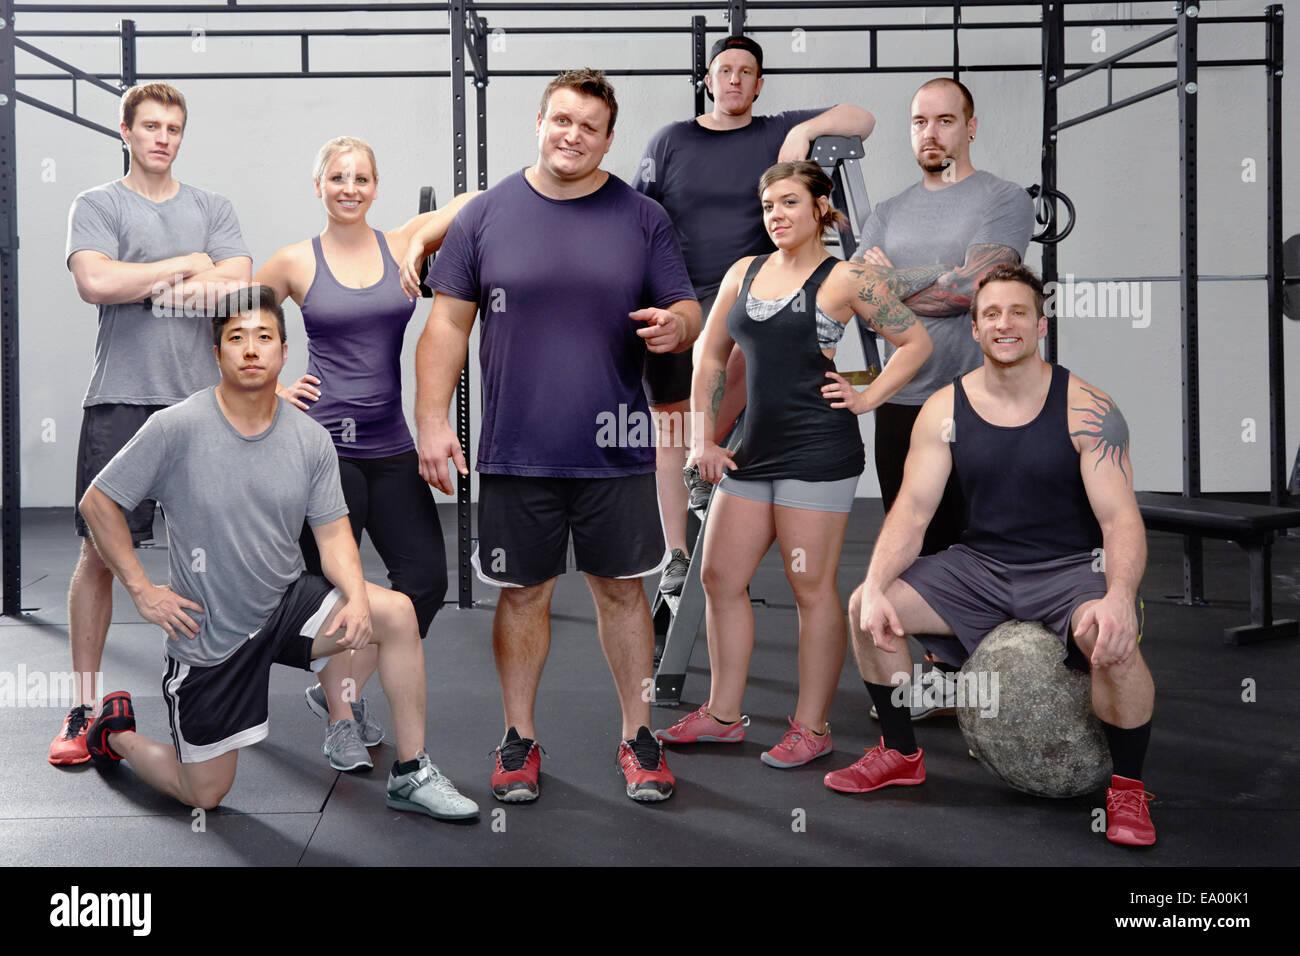 Porträt von acht Menschen in Turnhalle Stockbild